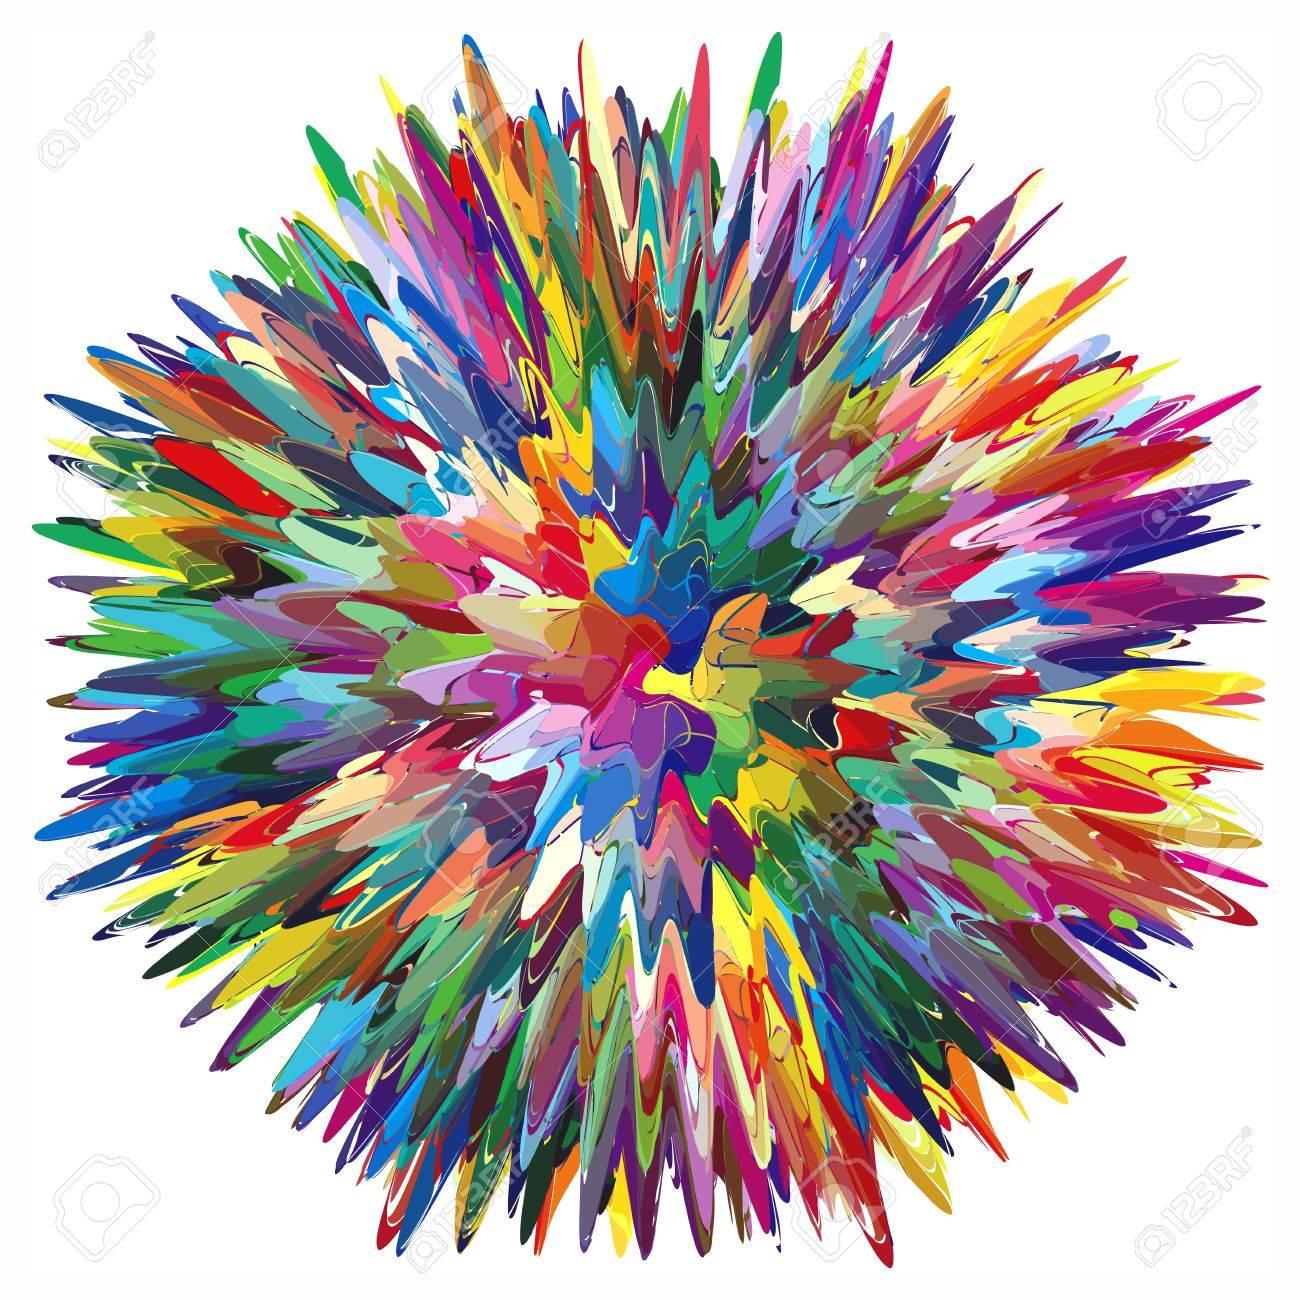 Artistes Palette Avec De L Huile Melangee Ou Peinture Acrylique Clip Art Libres De Droits Vecteurs Et Illustration Image 12479993